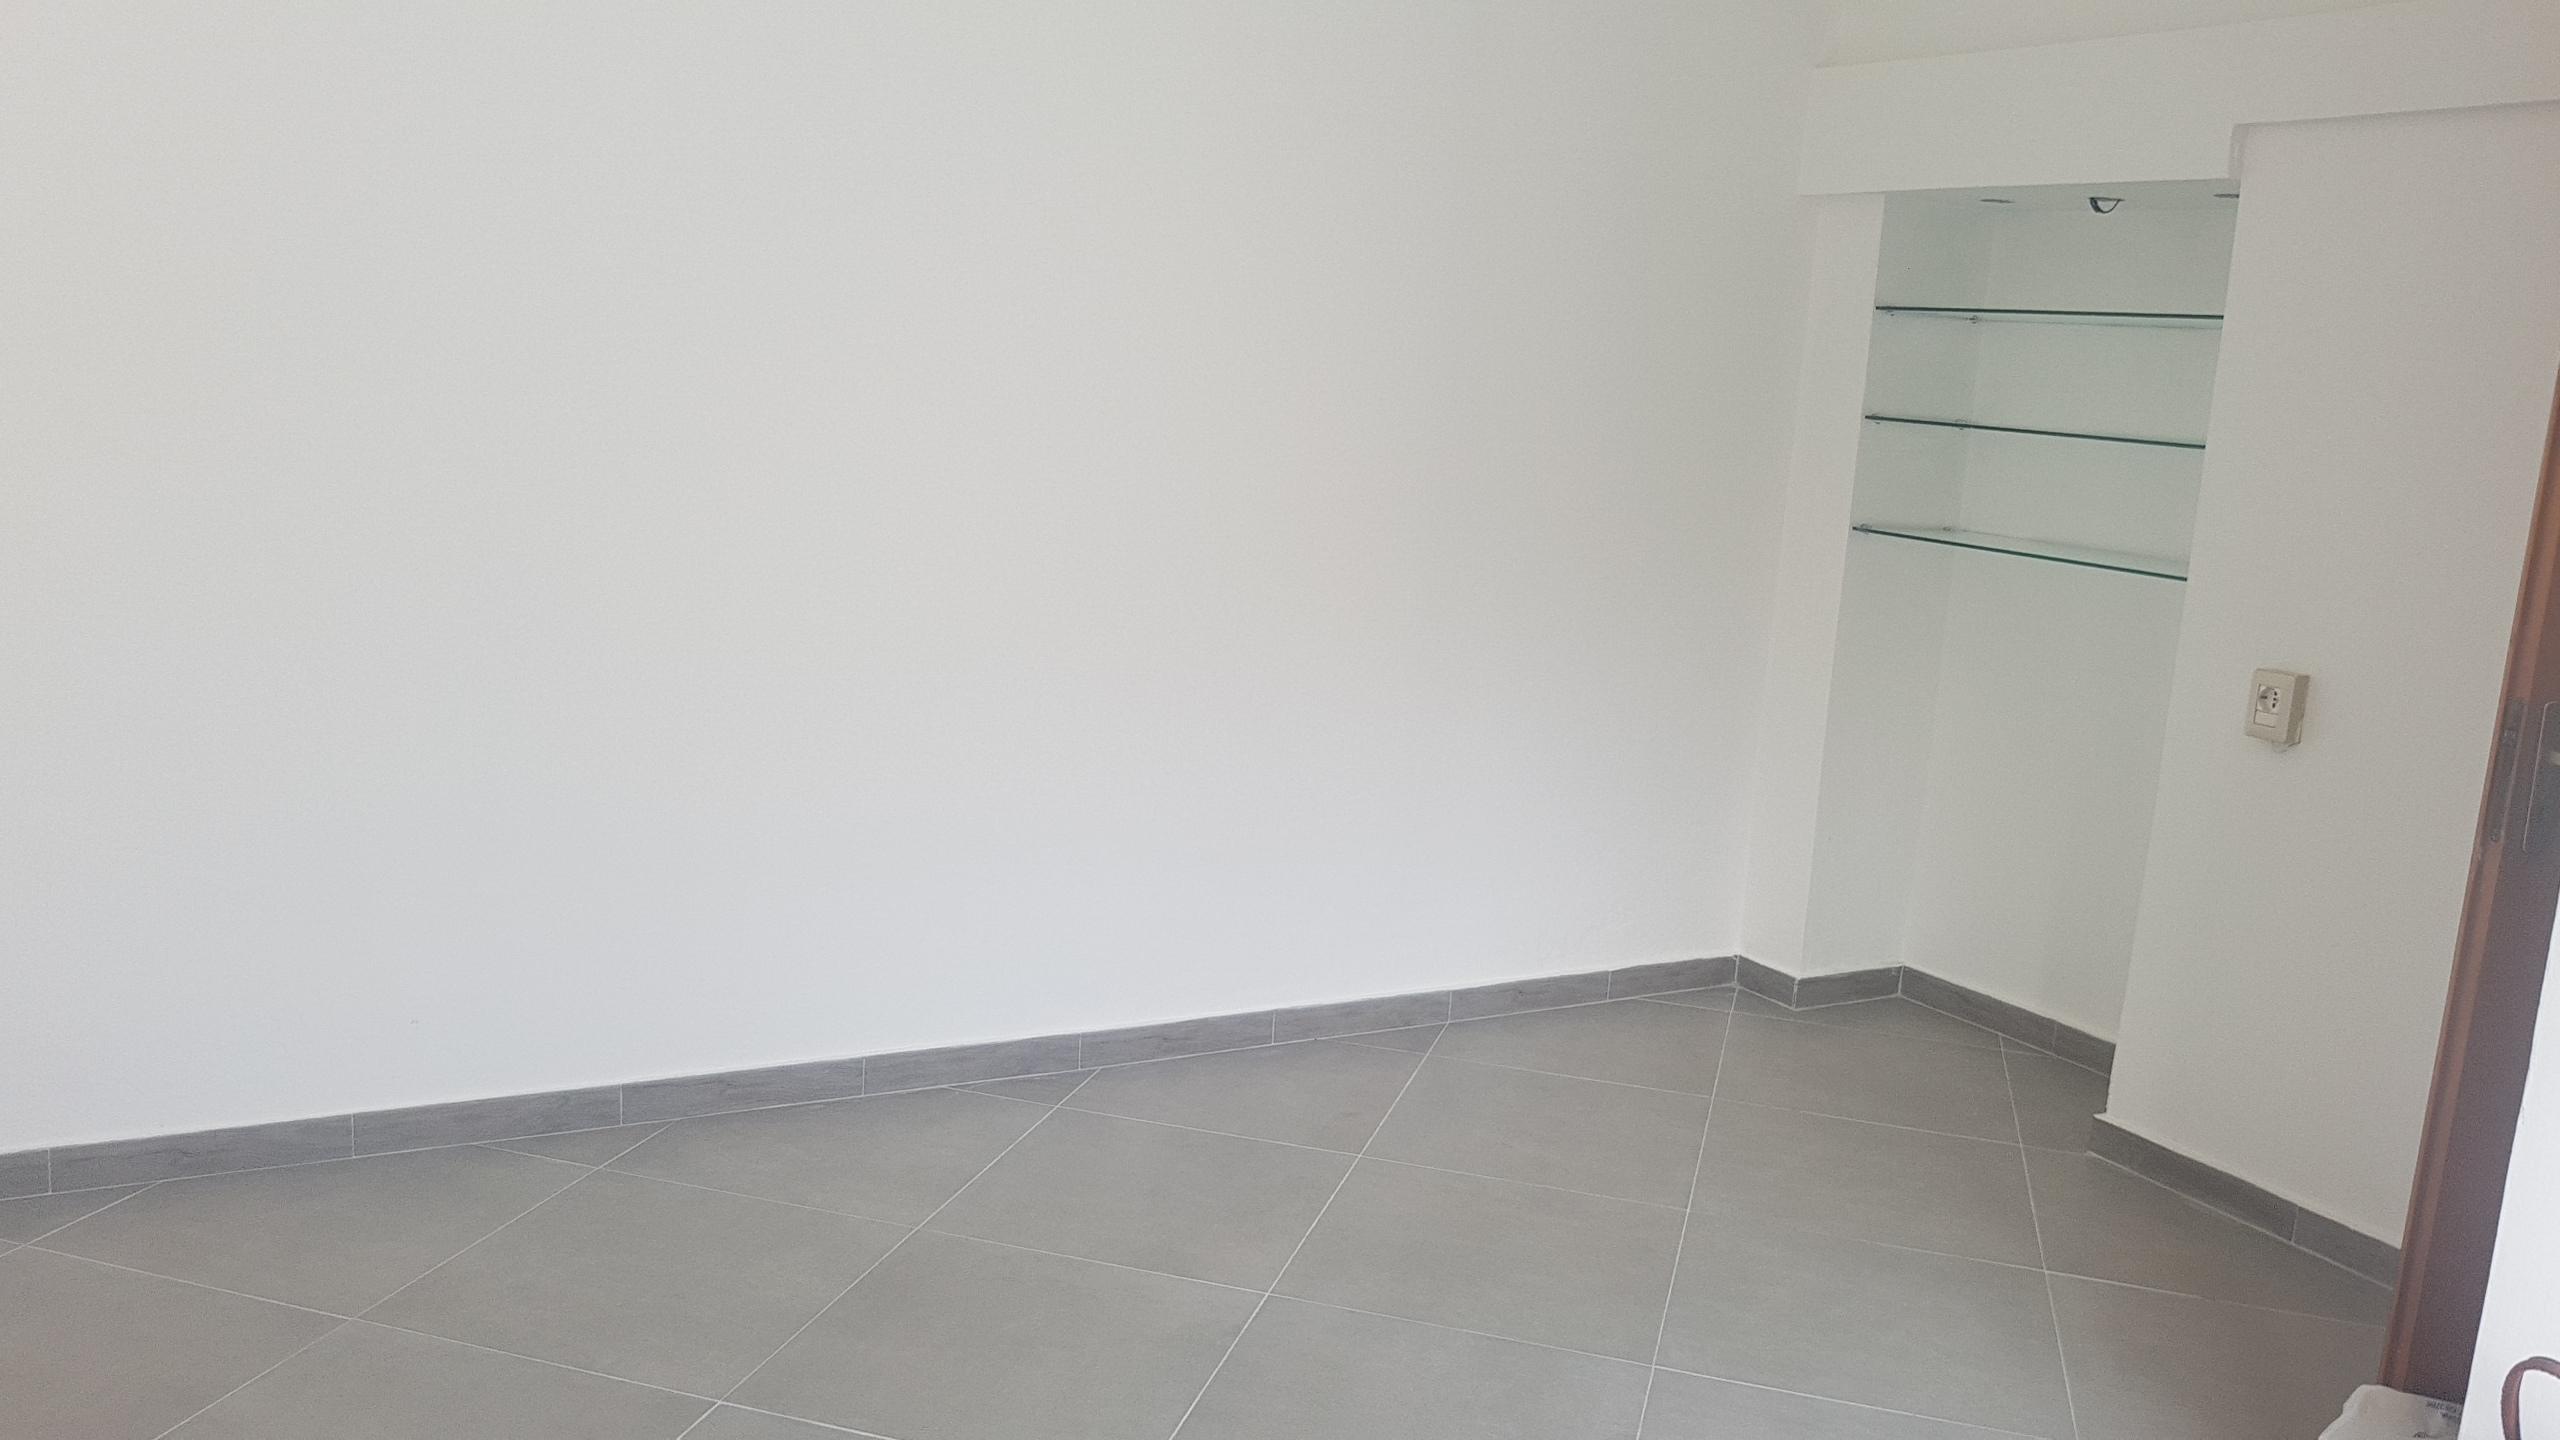 Piazza Dante in affitto studio o ufficio